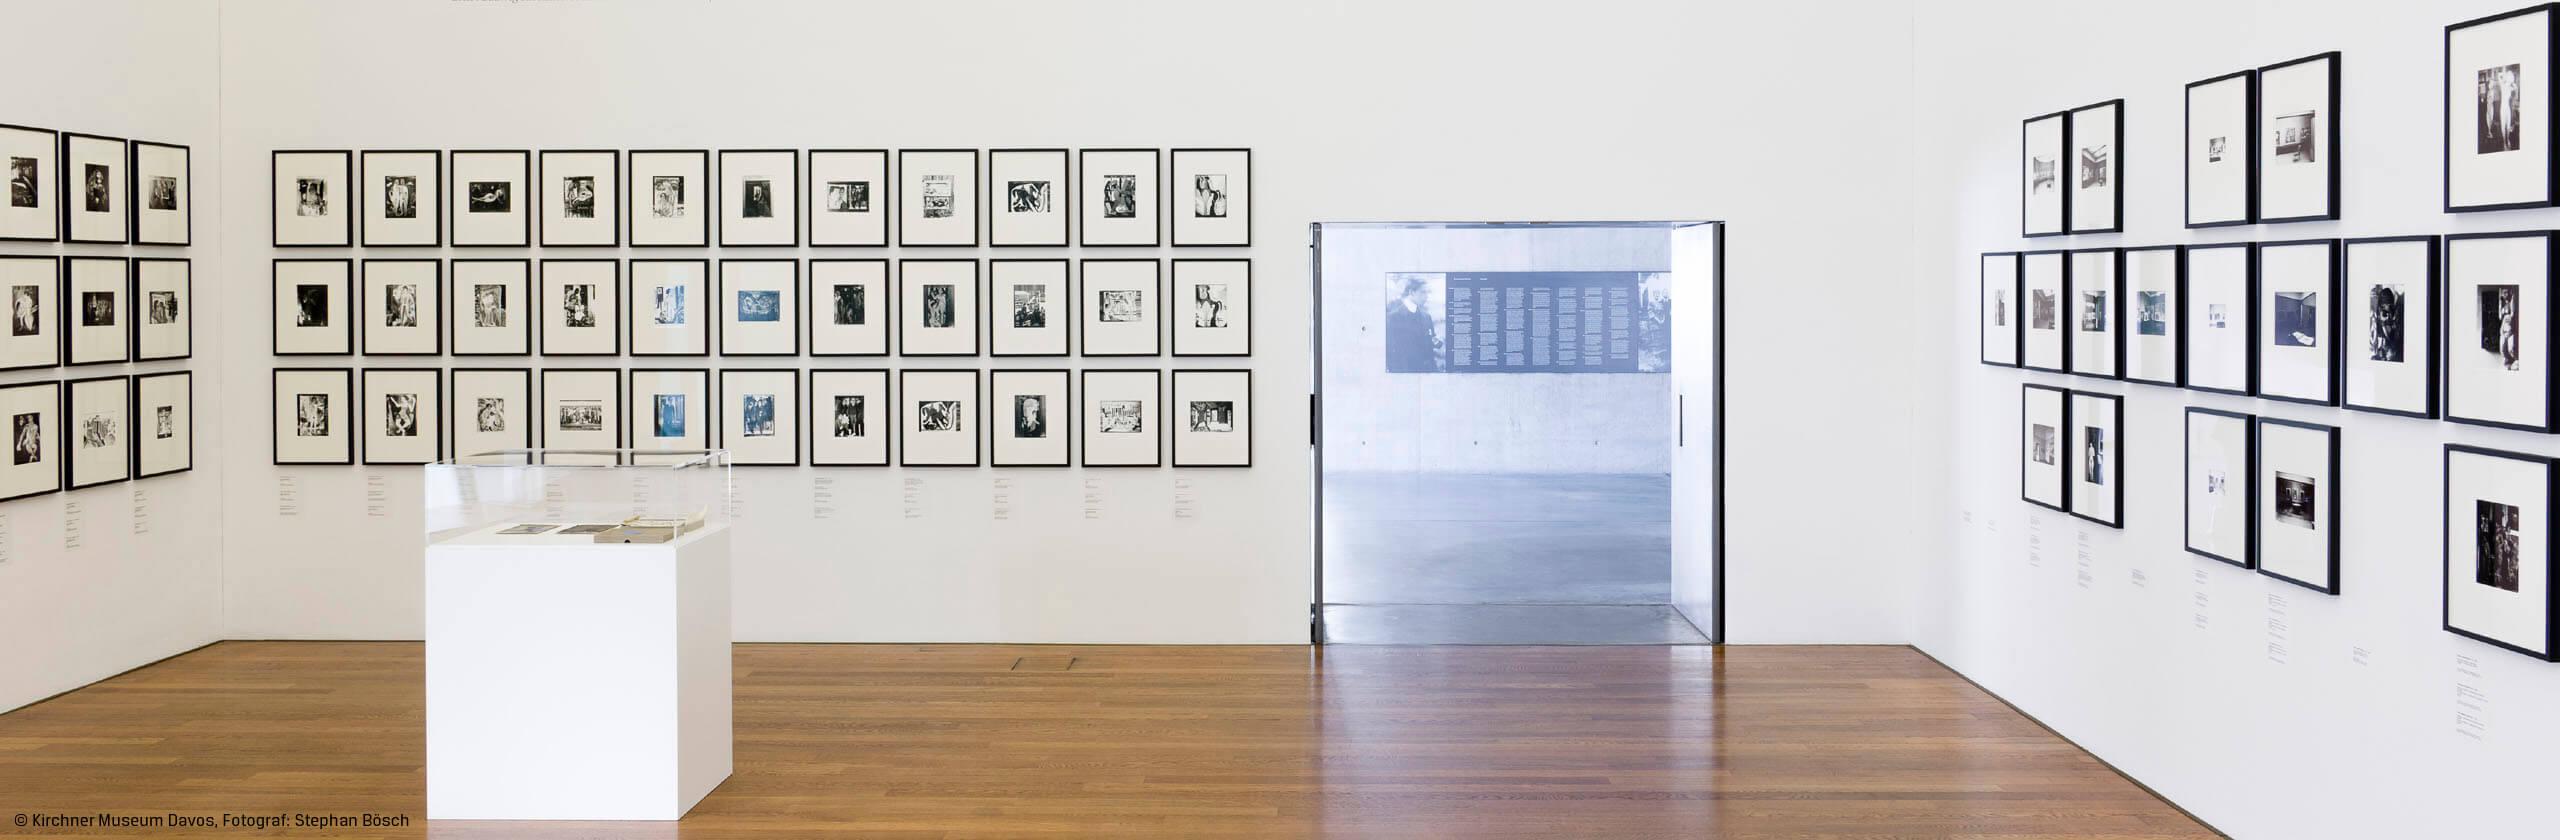 Bilderrahmen im Museum